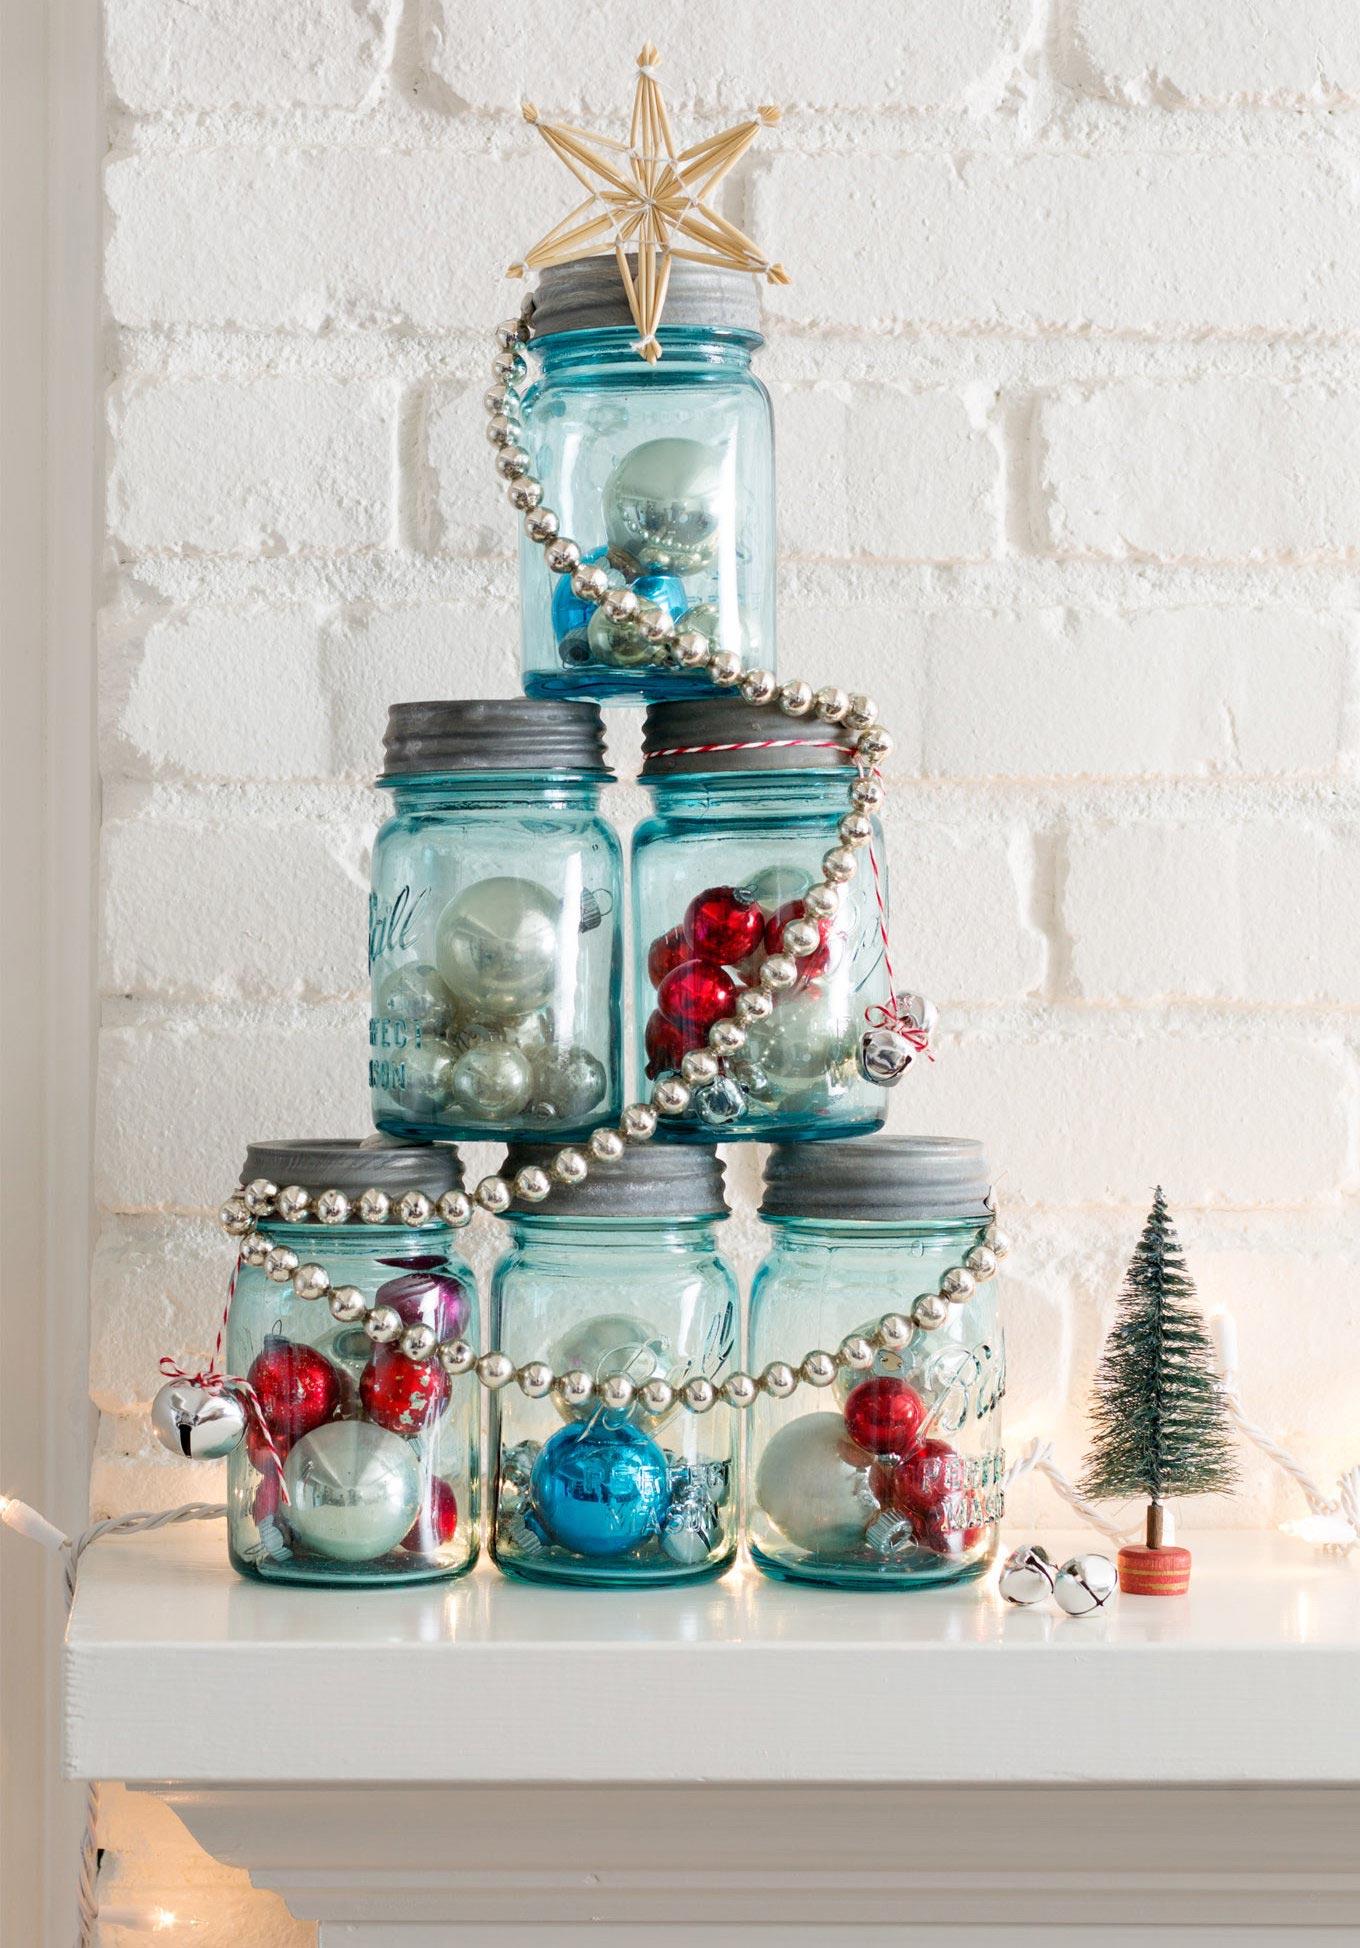 Enfeites de Natal em potes de vidro